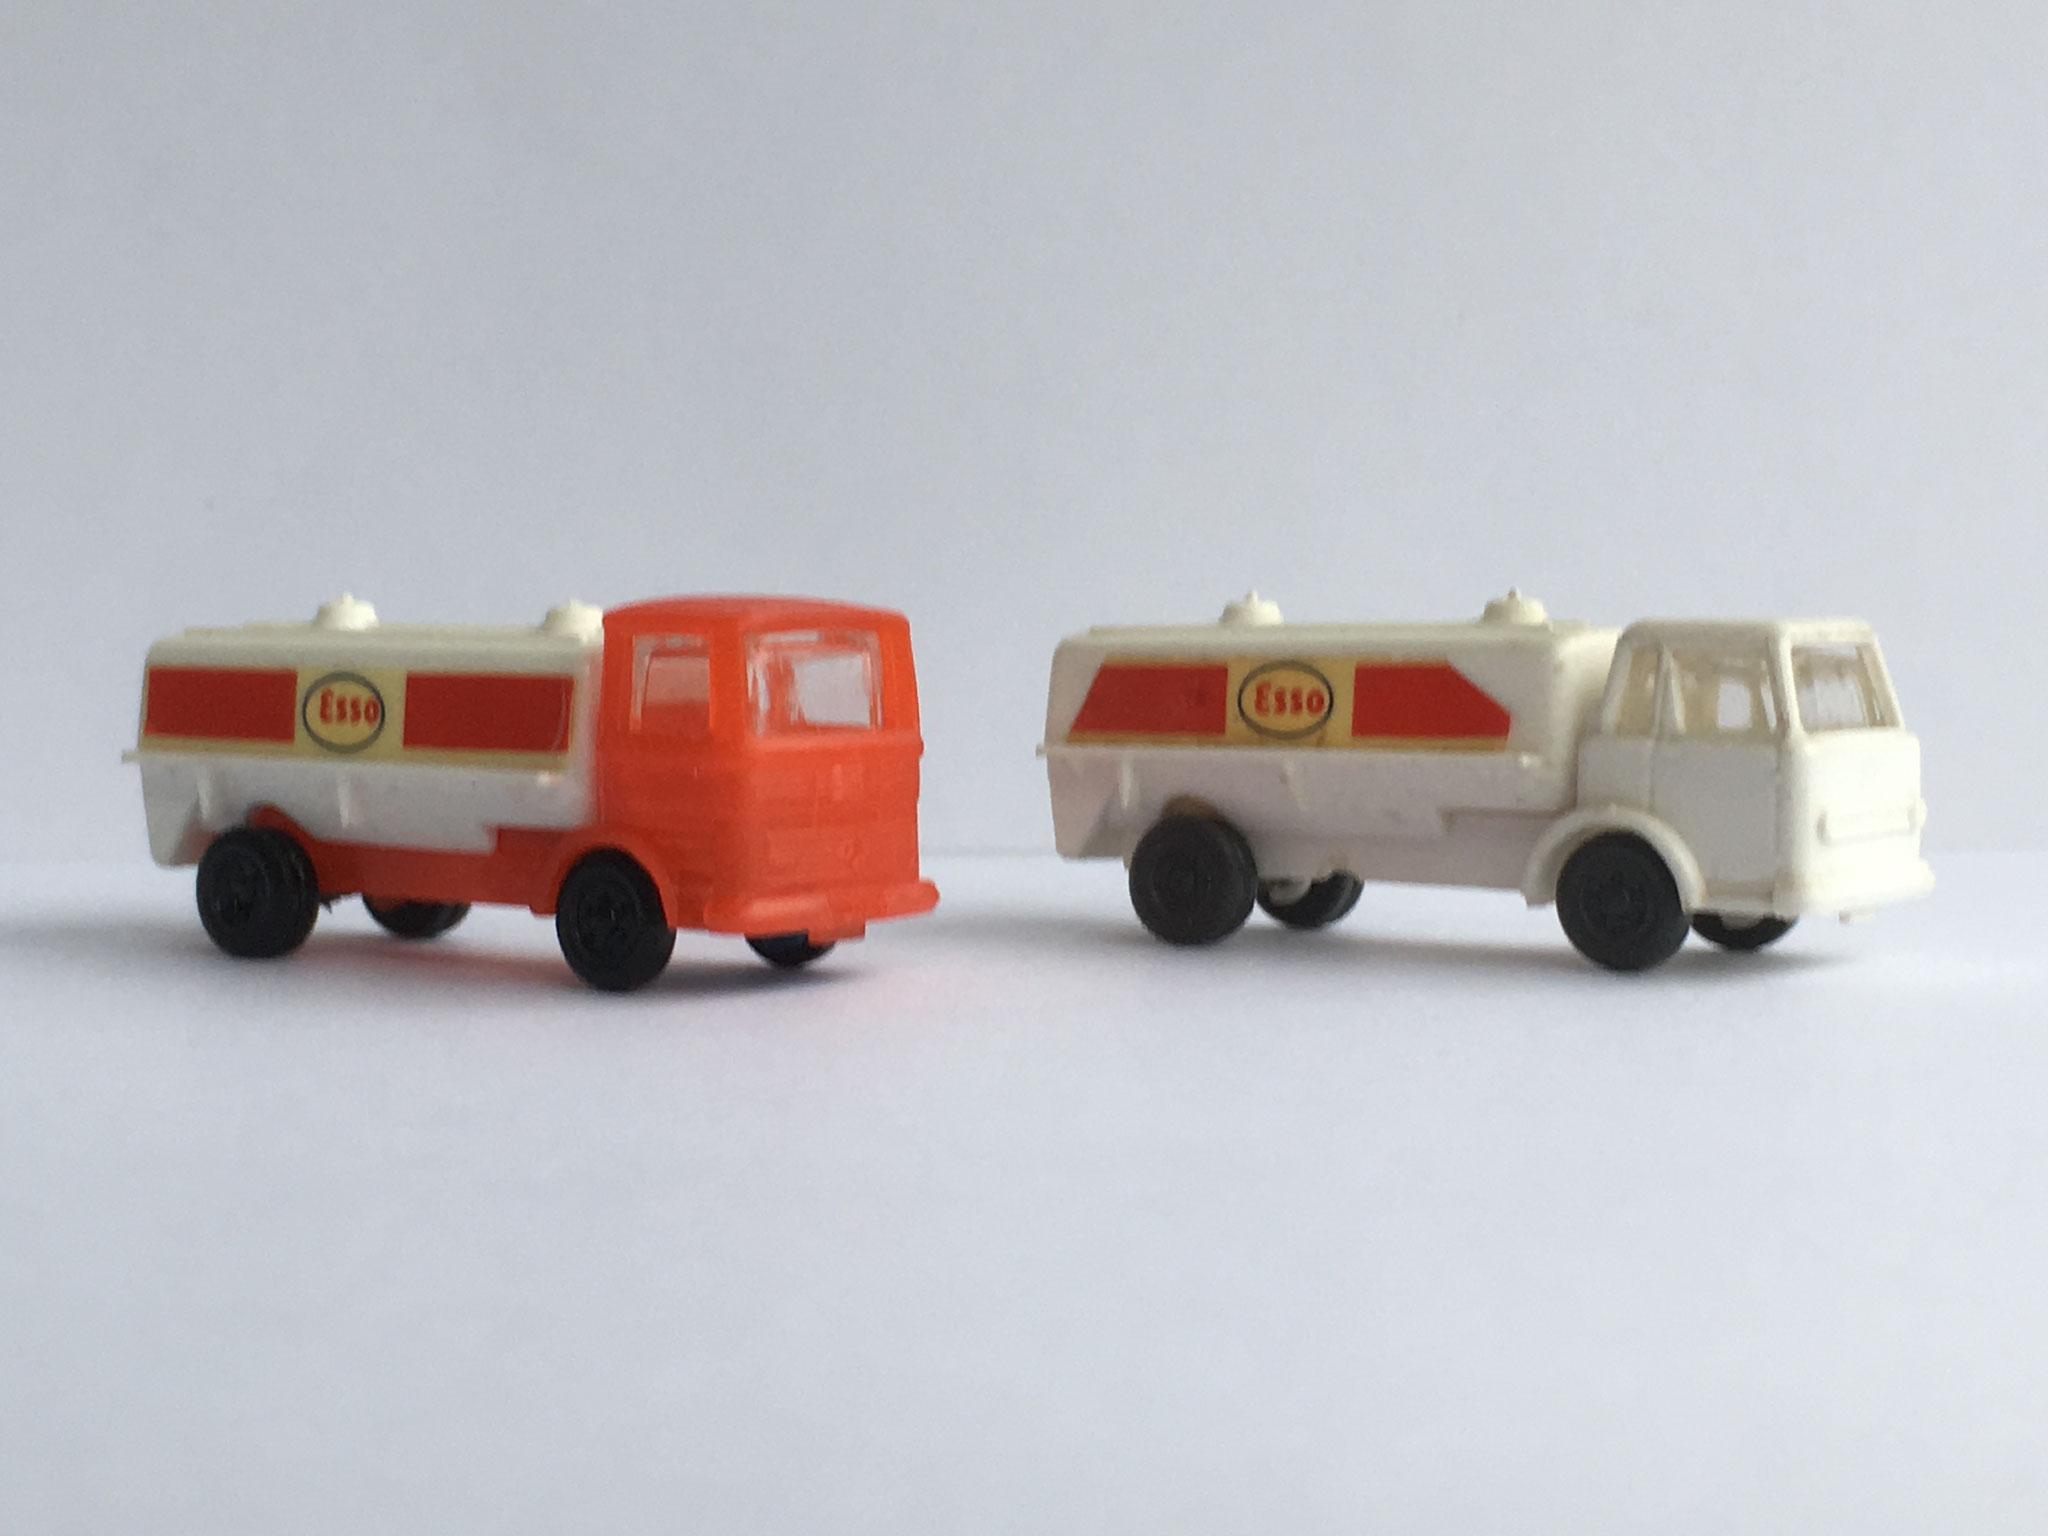 IHC und MB je als Tankwagen, Art. Nr. 917 (ab 1969 im Programm)